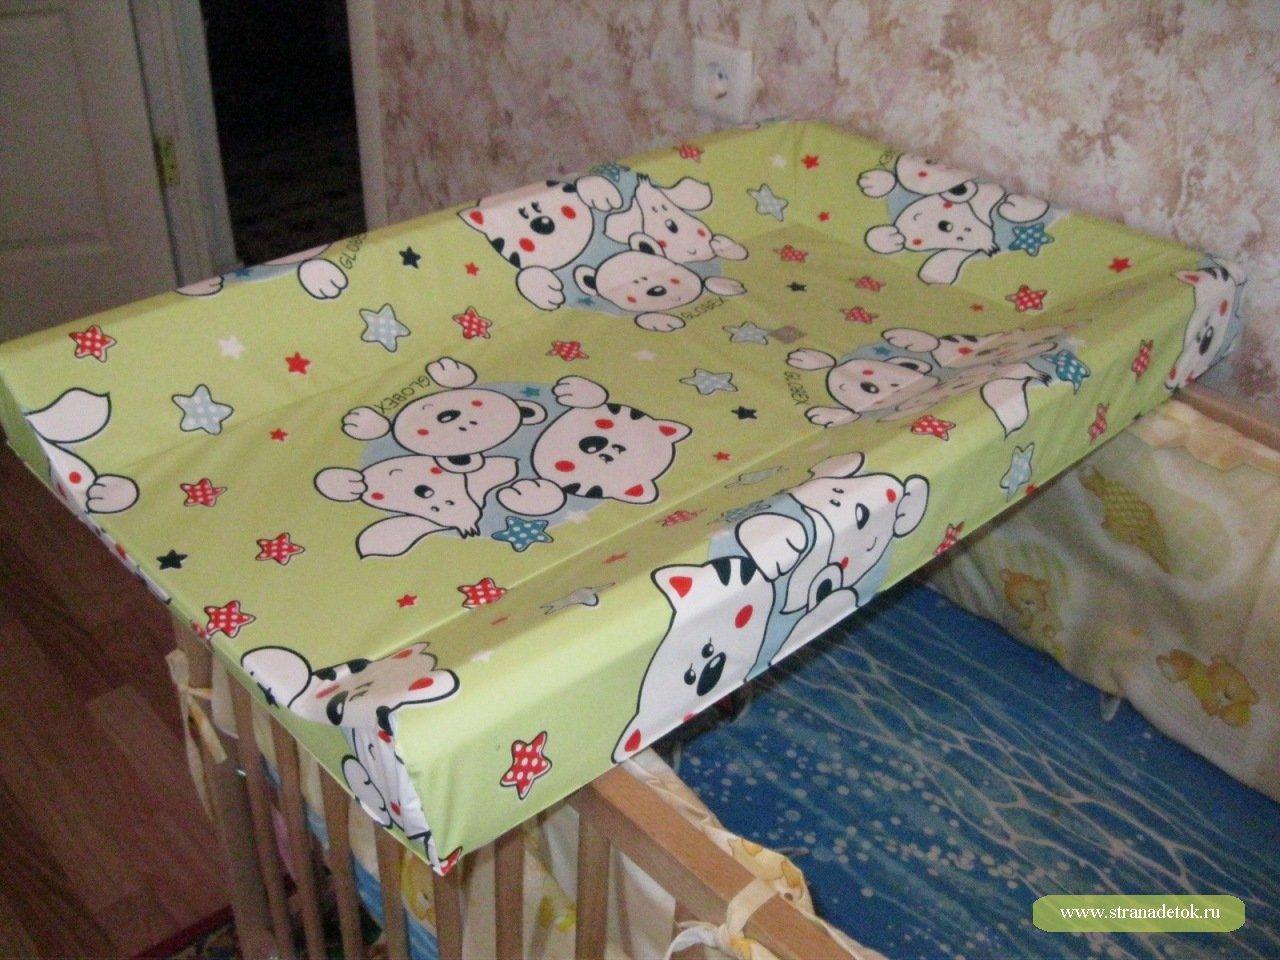 Пеленальная доска на кроватку своими руками мастер класс 80